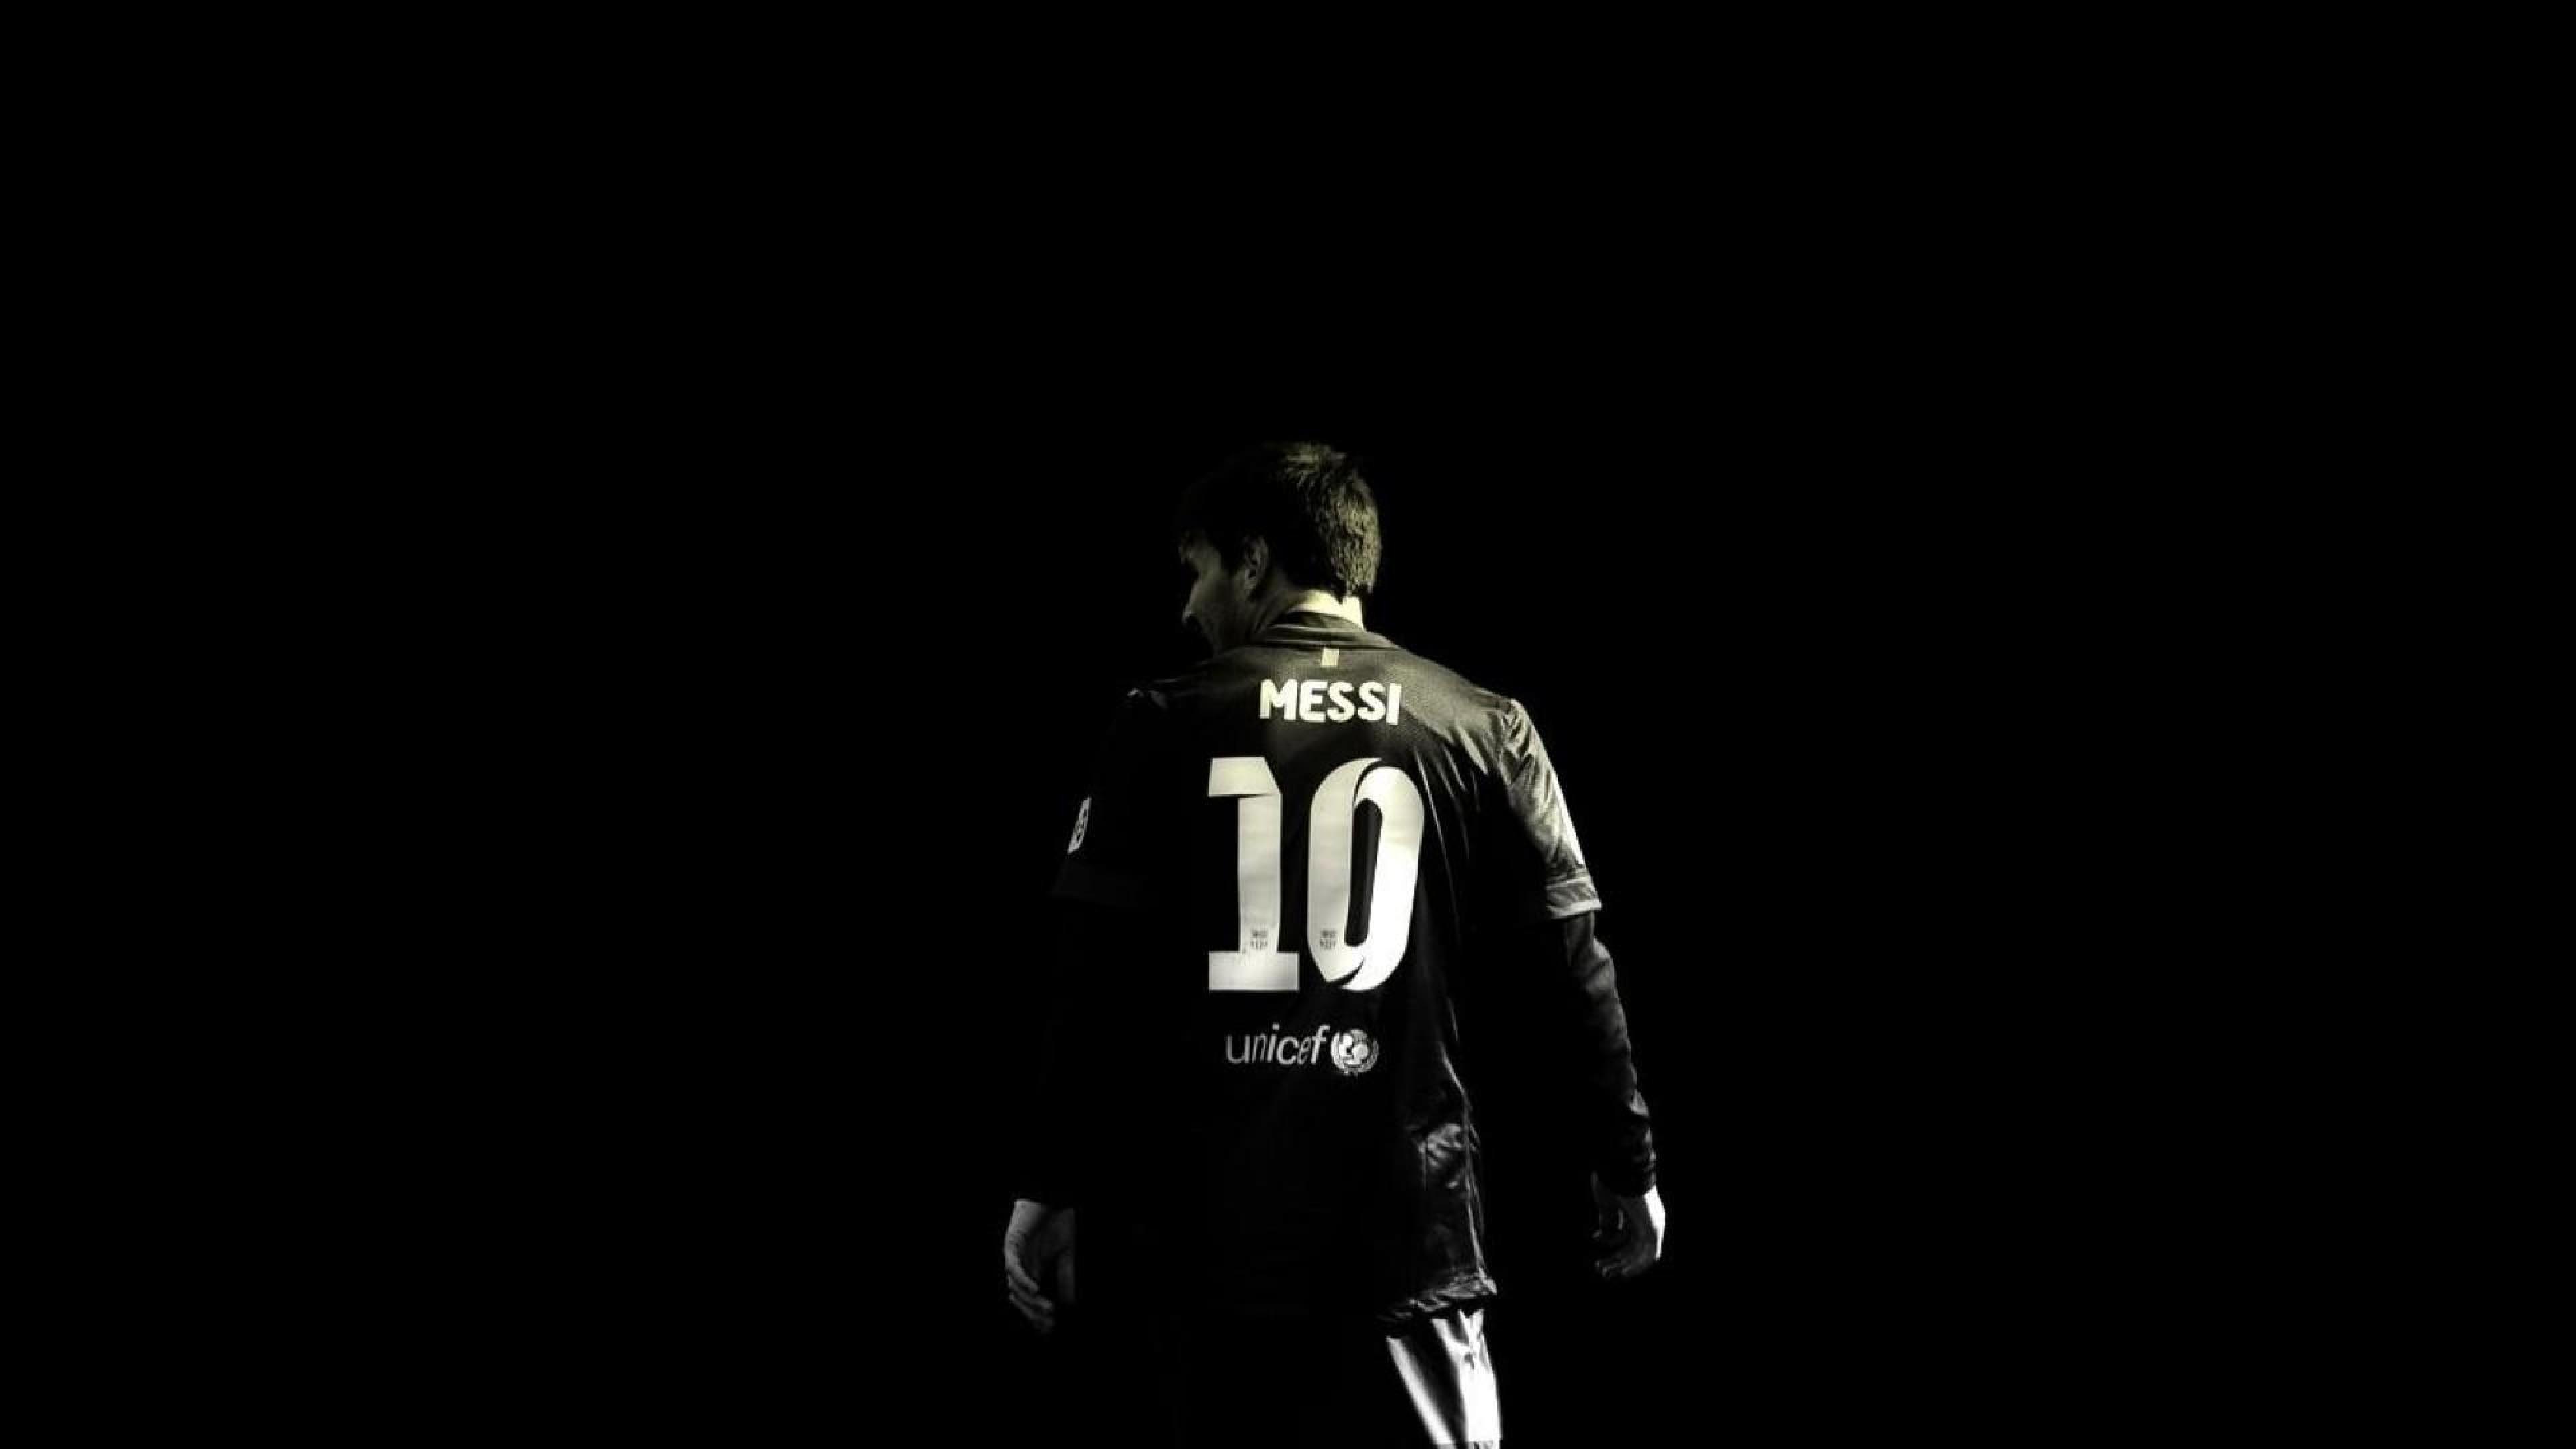 HD Messi Black Wallpaper – Best Wallpaper HD